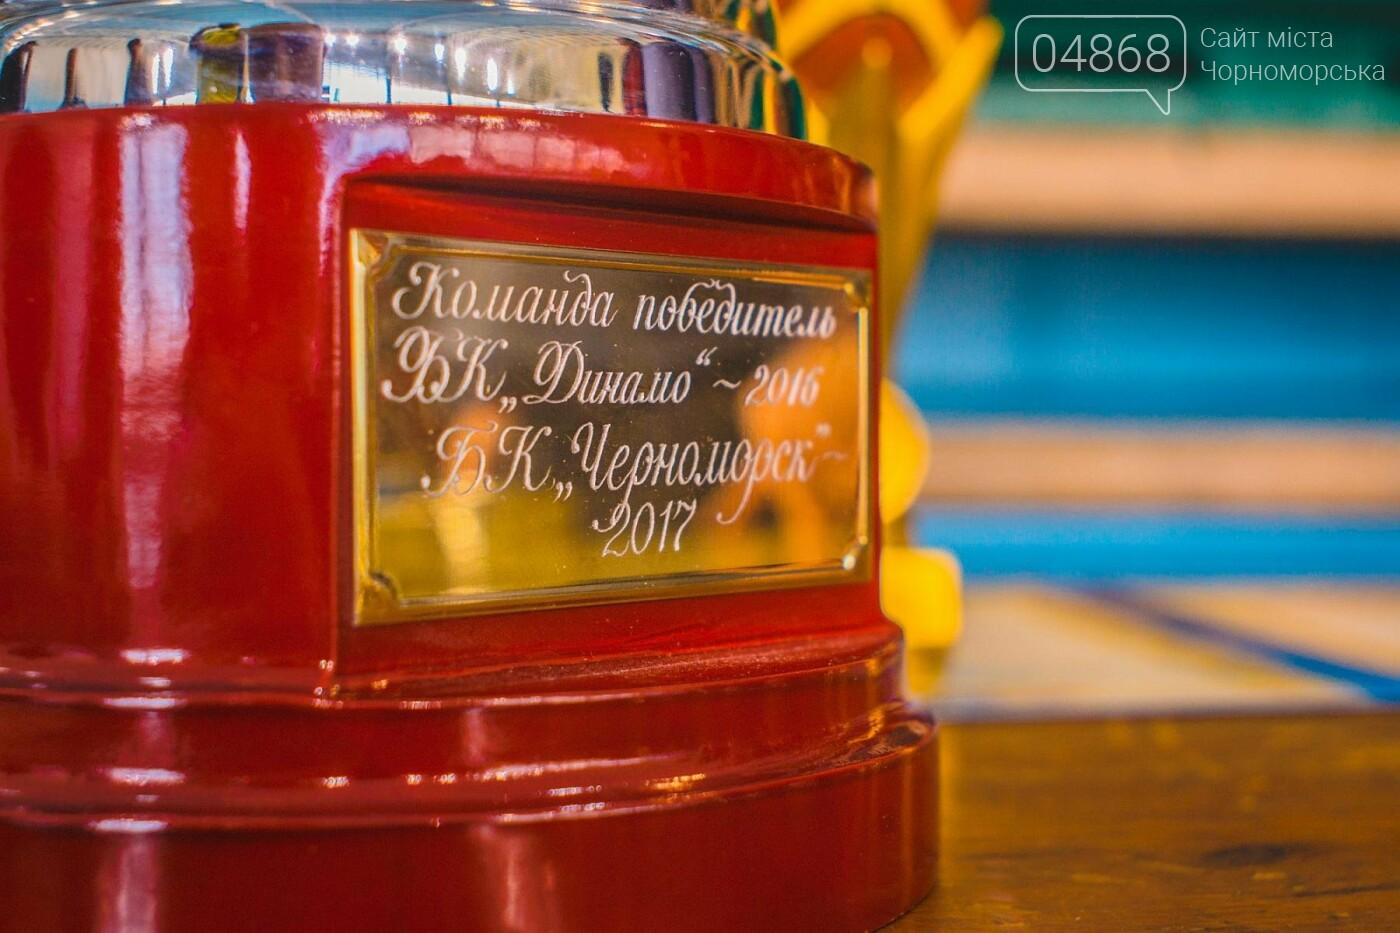 Чемпионат по баскетболу завершился победой команды Черноморска, фото-11